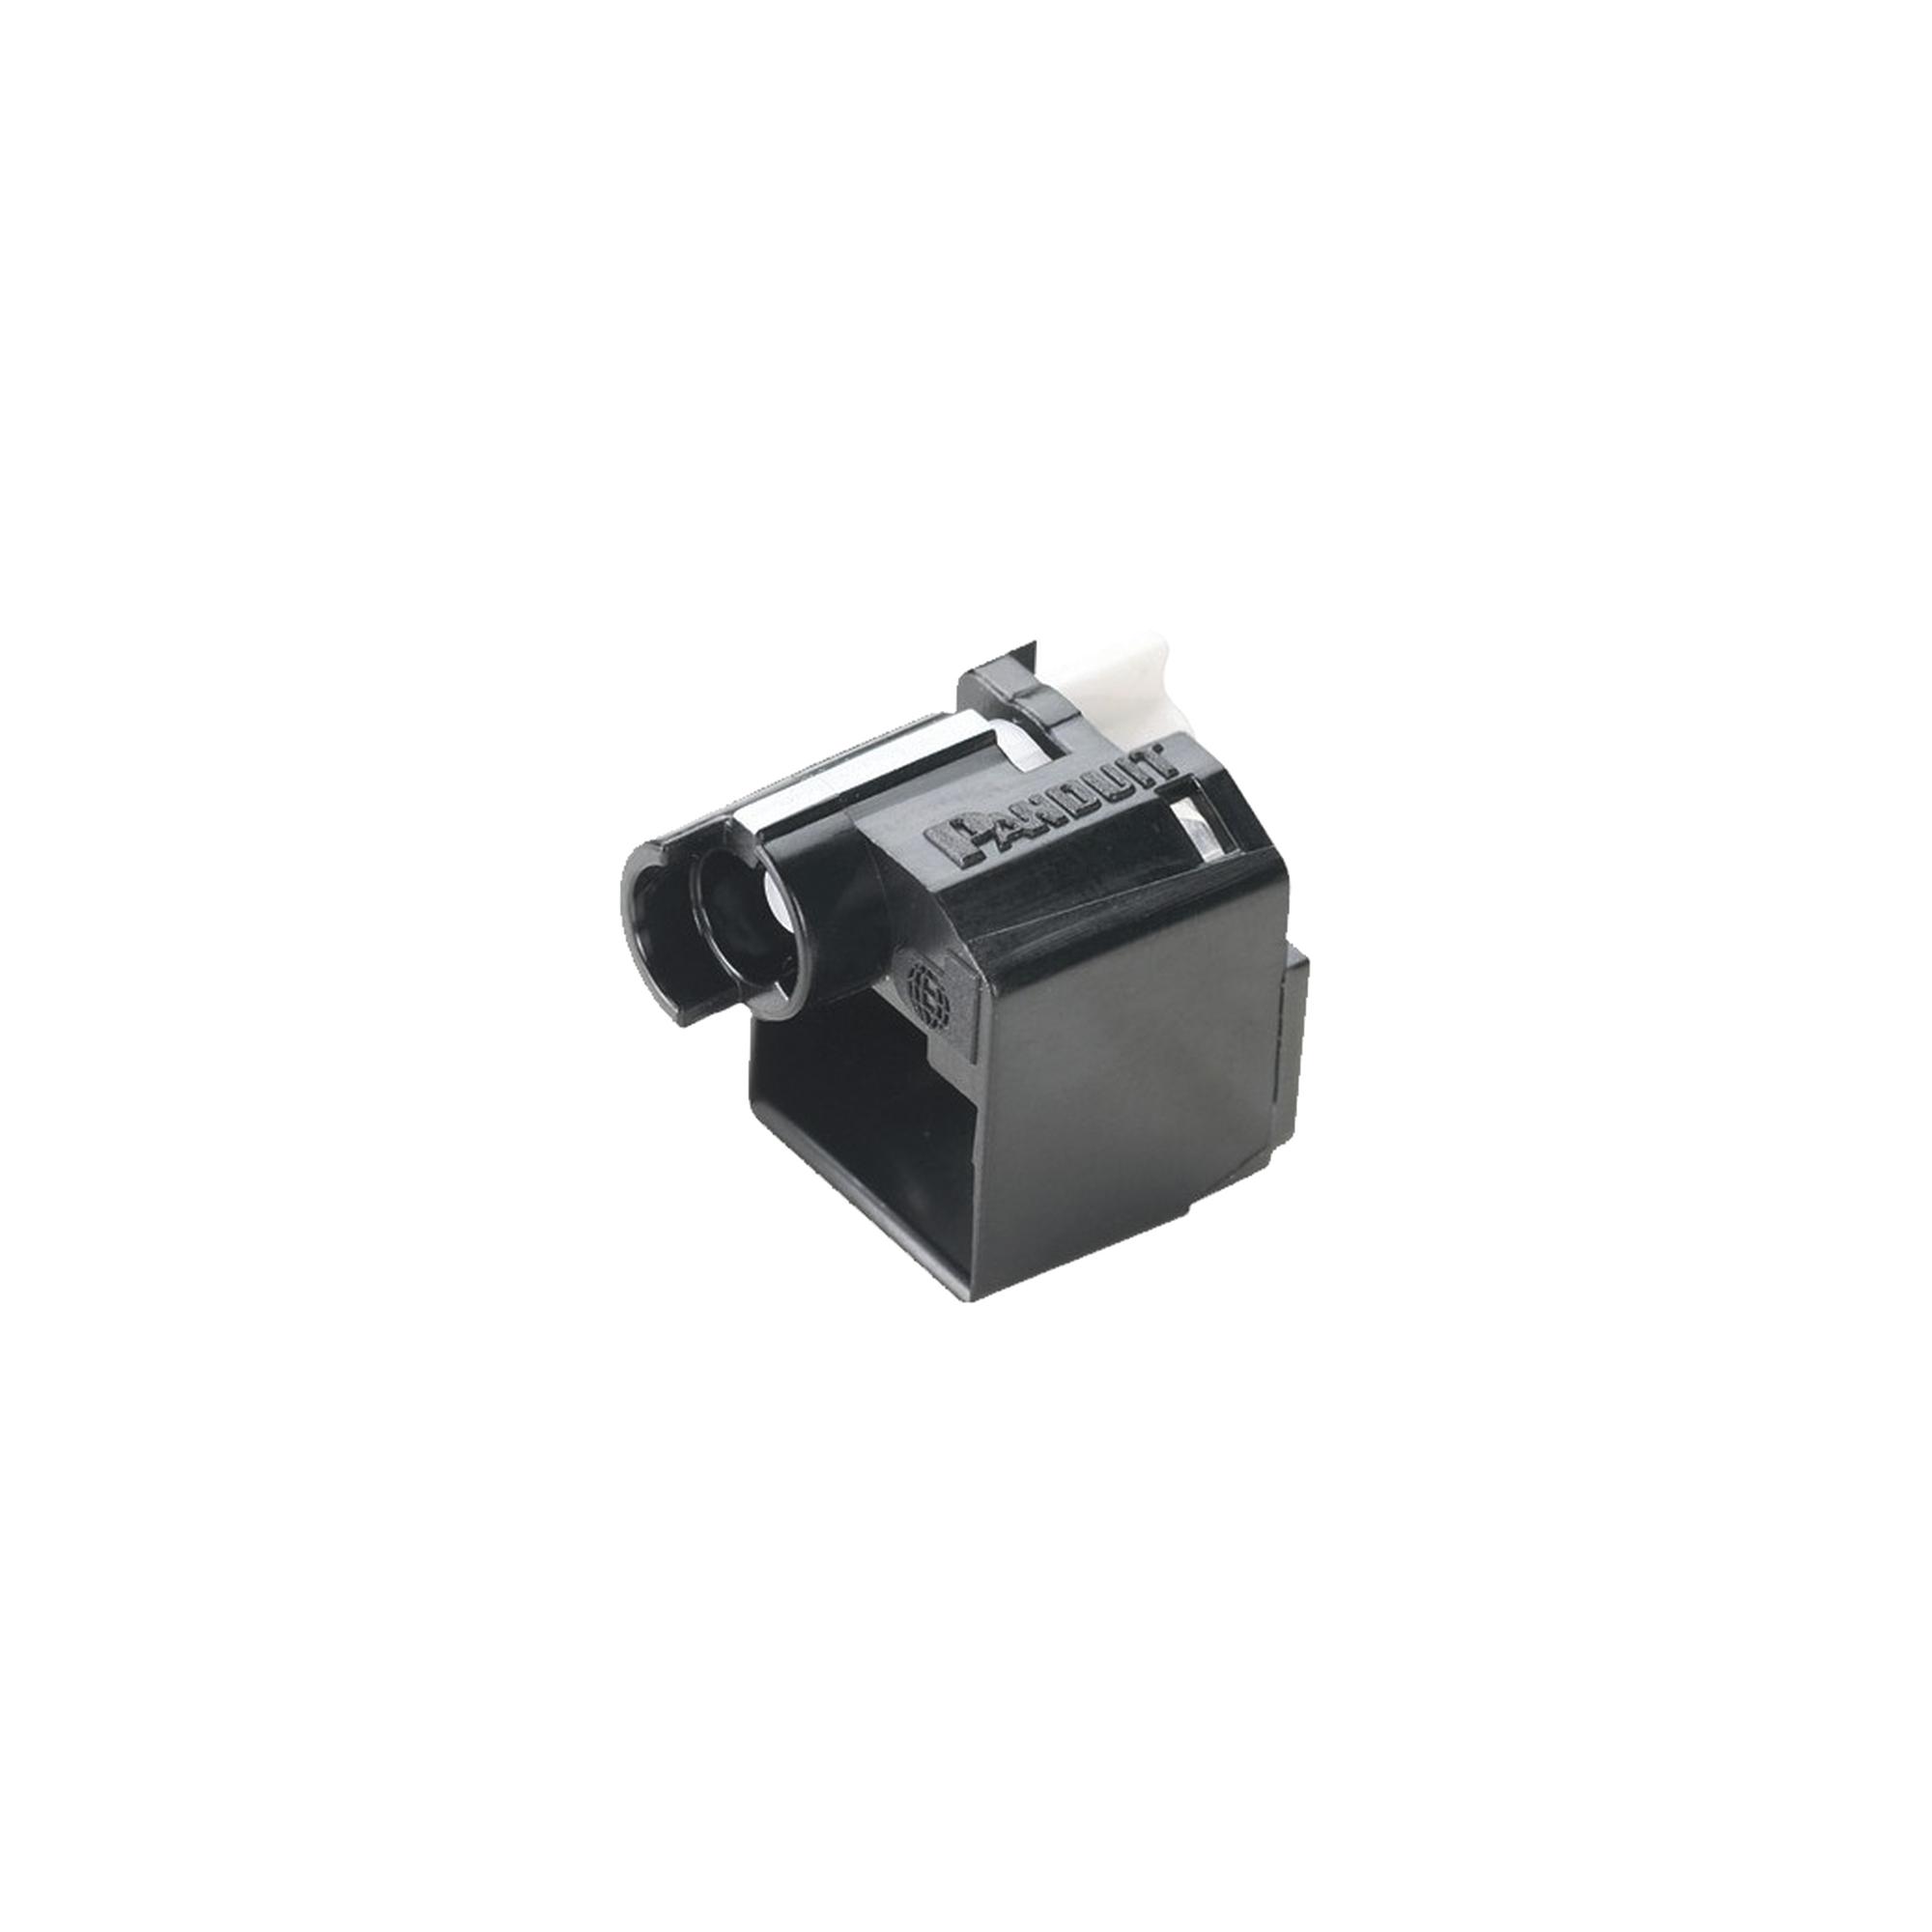 Kit de 10 Dispositivos para Impedir Desconexión de Plug RJ45, Color Negro, Incluye Herramienta para Instalar/Retirar